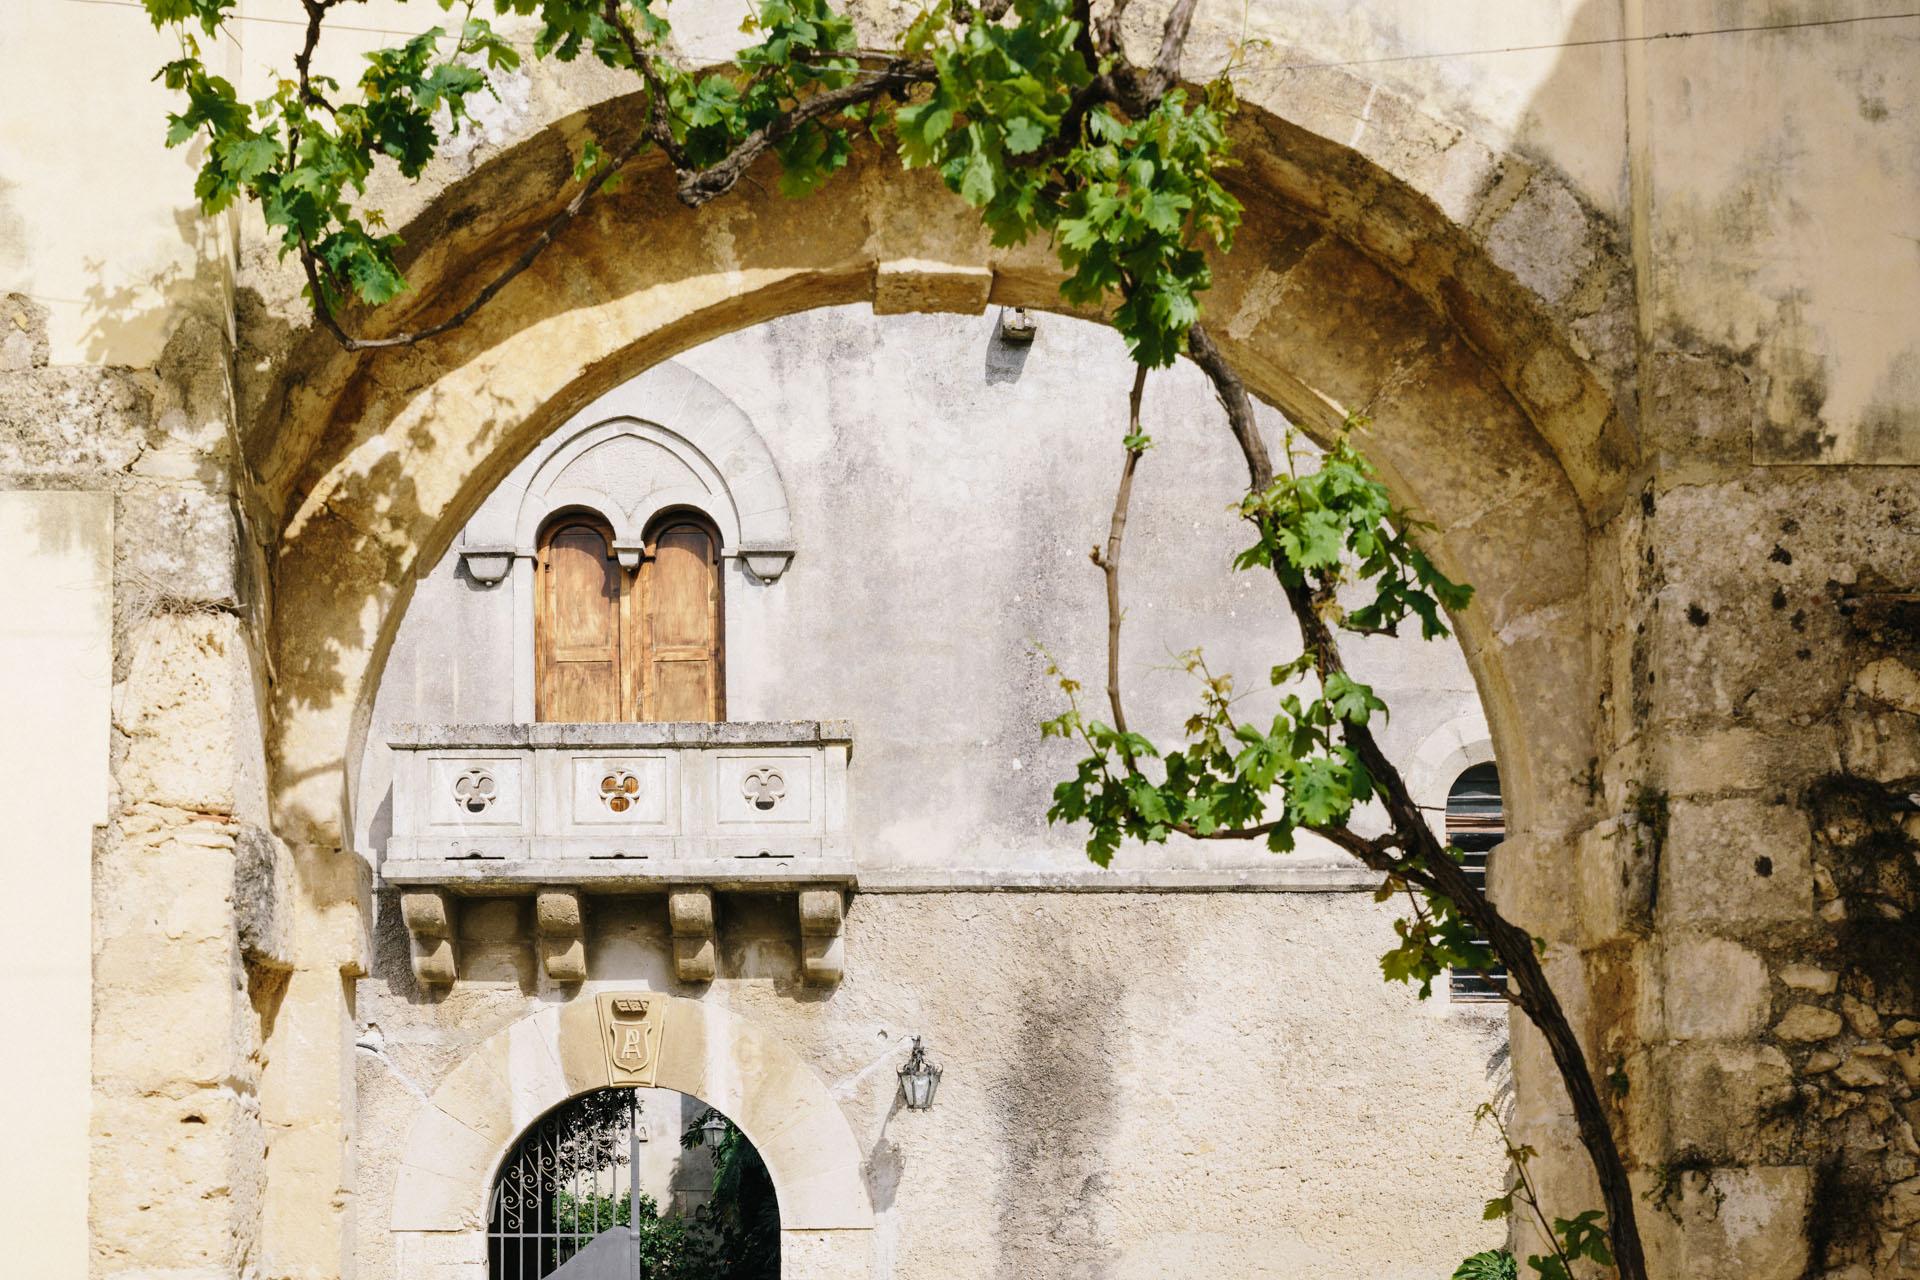 Dettaglio del balcone visto dalla pergola